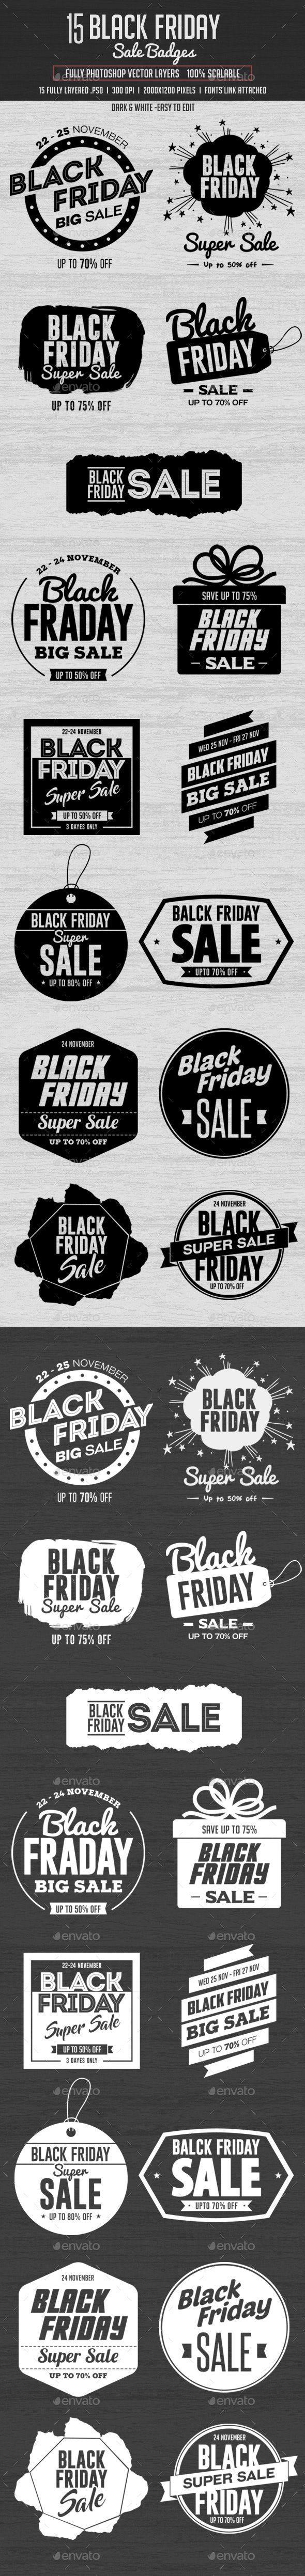 15 Black Friday Sale Abzeichen Affiliate Schwarz Anzeige Freitag Abzeichen Verkauf Abzei In 2020 Black Friday Design Black Friday Black Friday Inspiration